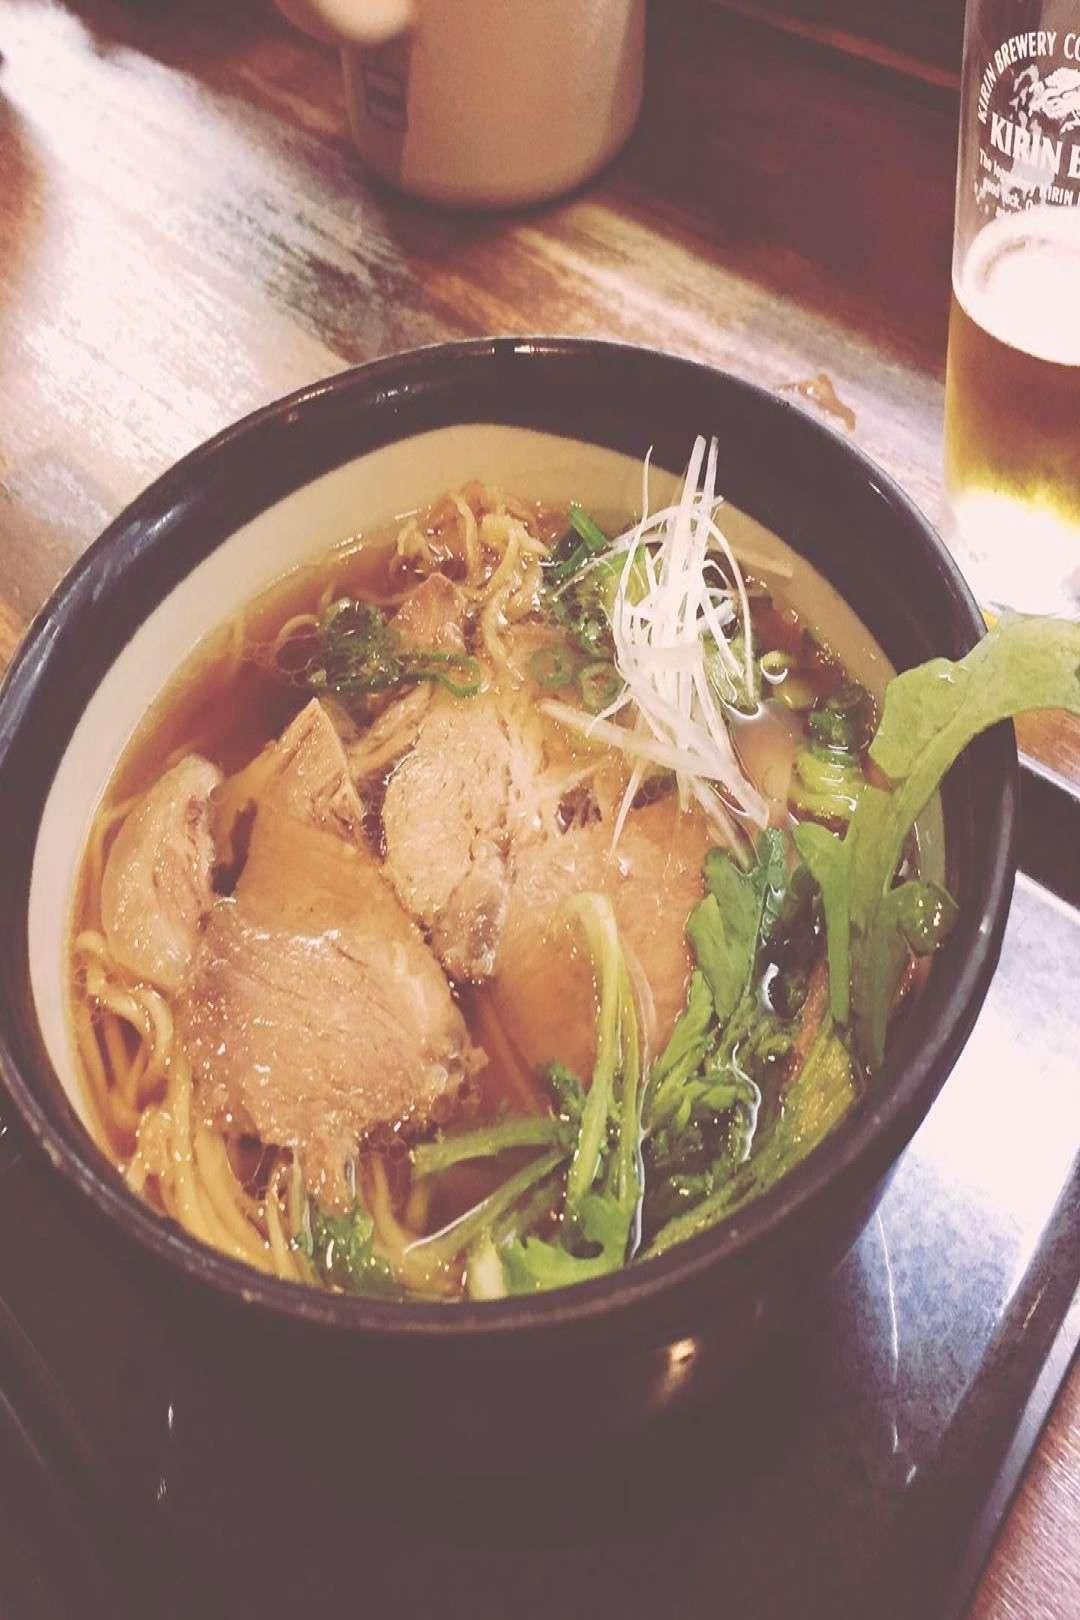 #japaneseramen #ramennoodles #ramen #food #麺乃家 #japaneseramen #ramen #ラーメン #ramennoodles #らYou can find Ramen noodles and more on our website.#麺乃家 #japaneseramen #ramen #ラーメン #ramennoodles #ら